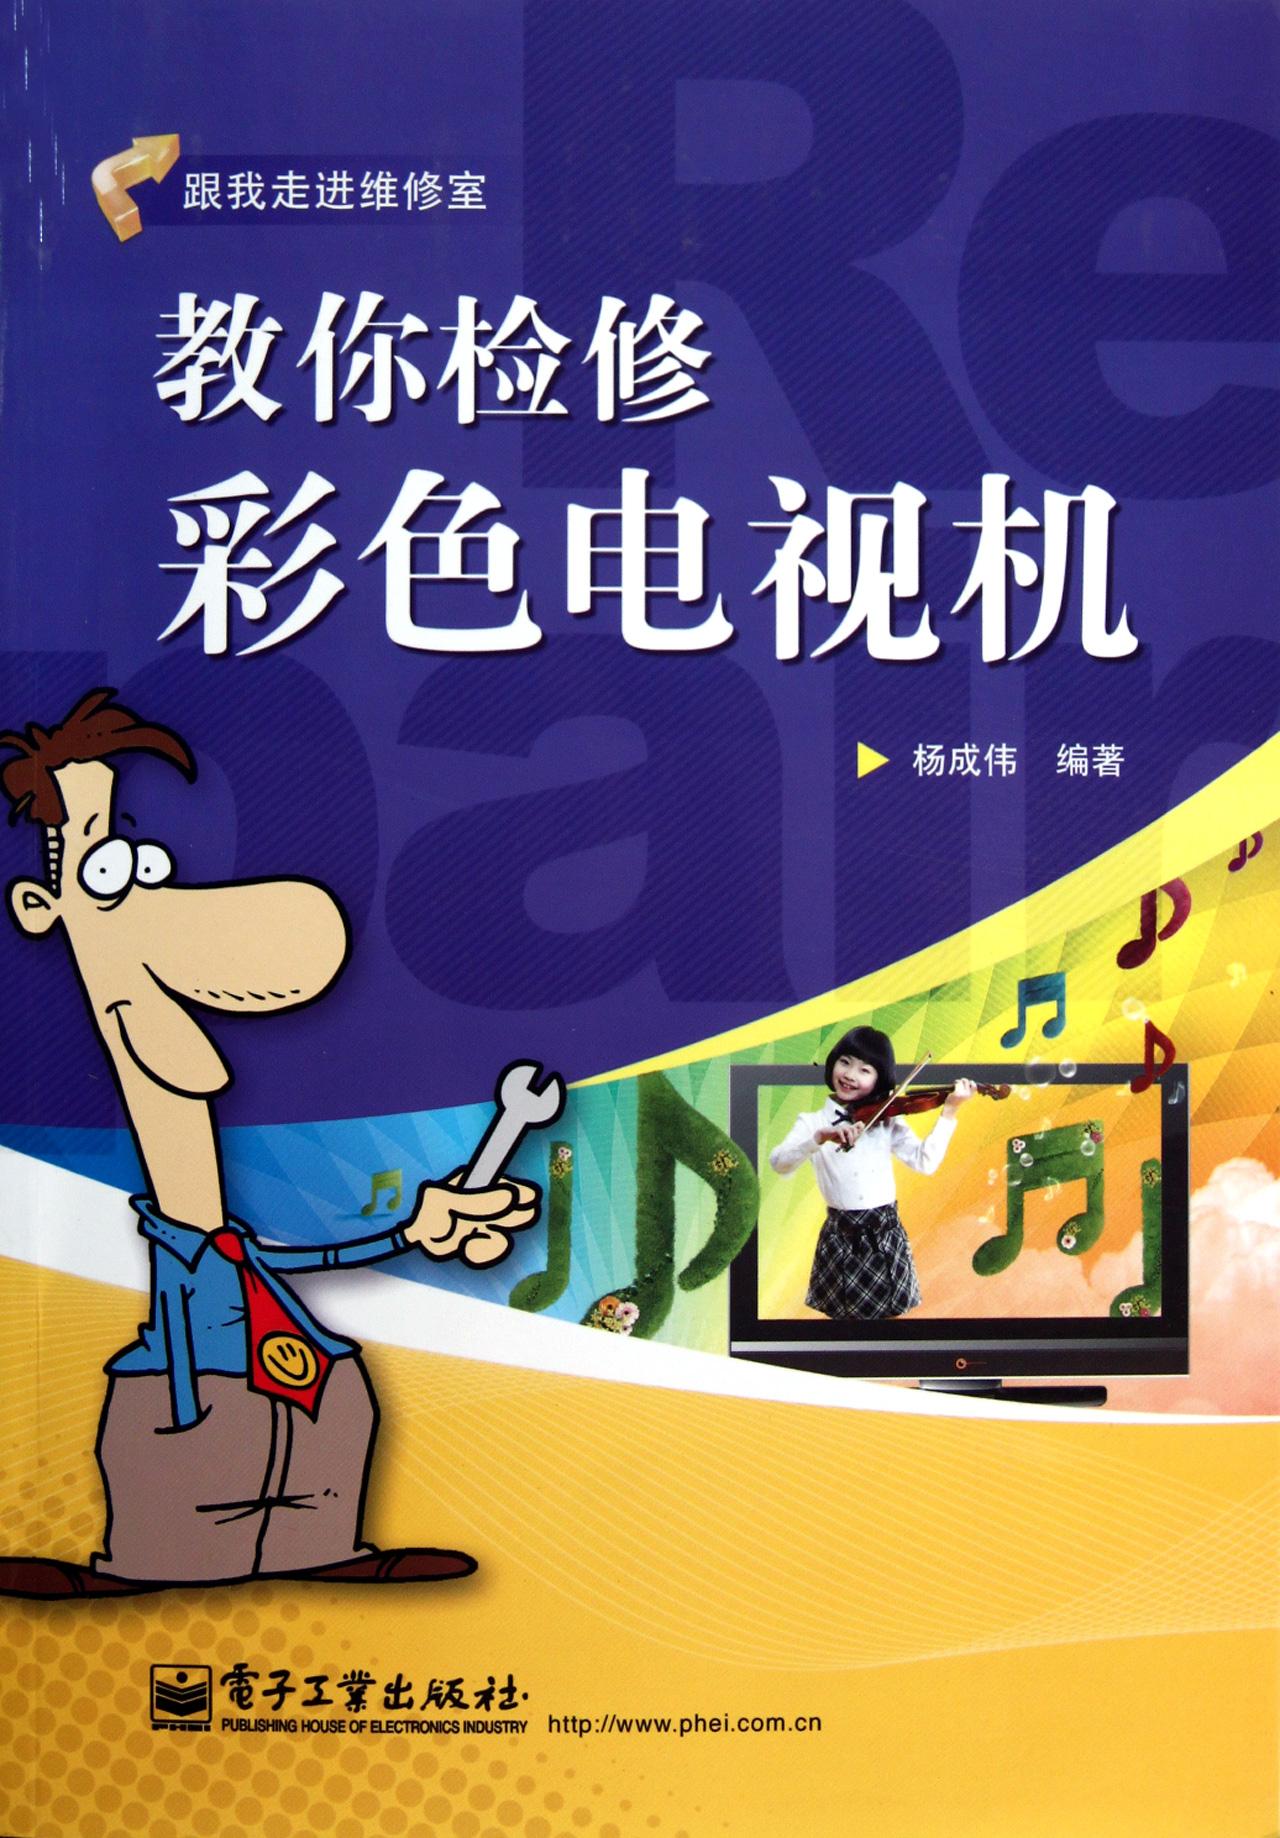 海尔29f7a-pn彩色电视机